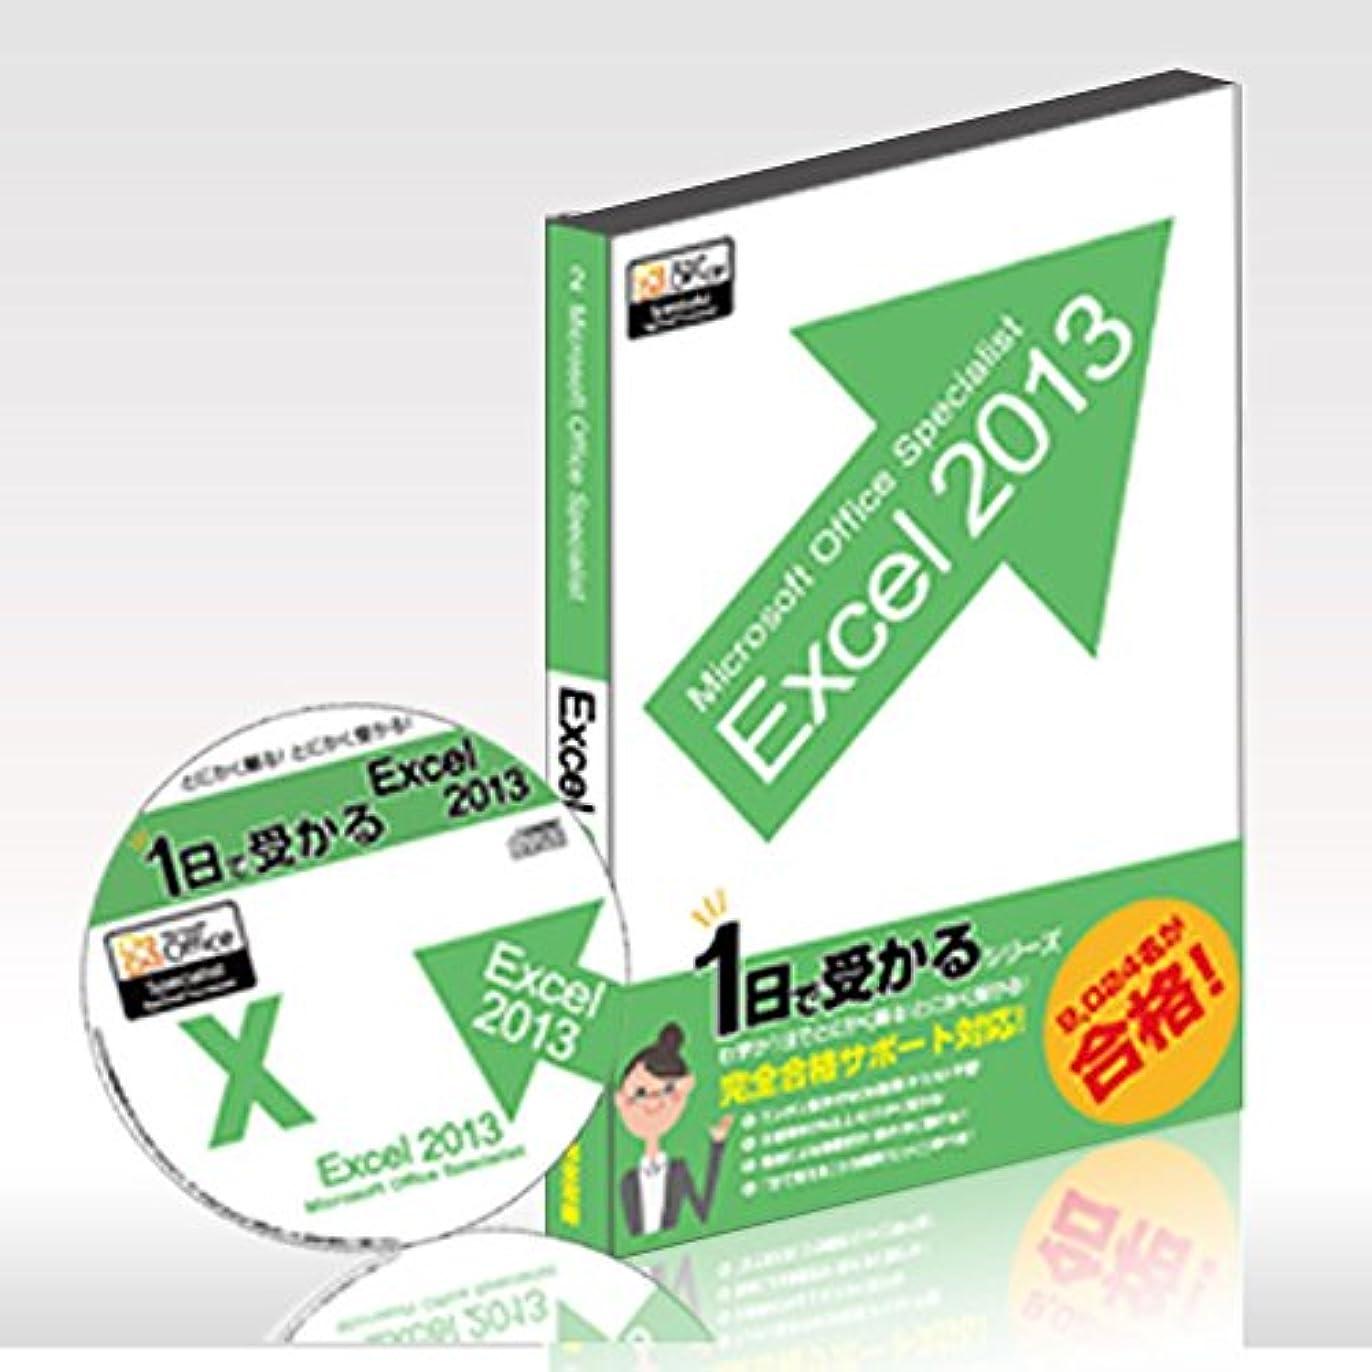 便利さ習字委託MOS 1日で受かるシリーズ Excel 2013